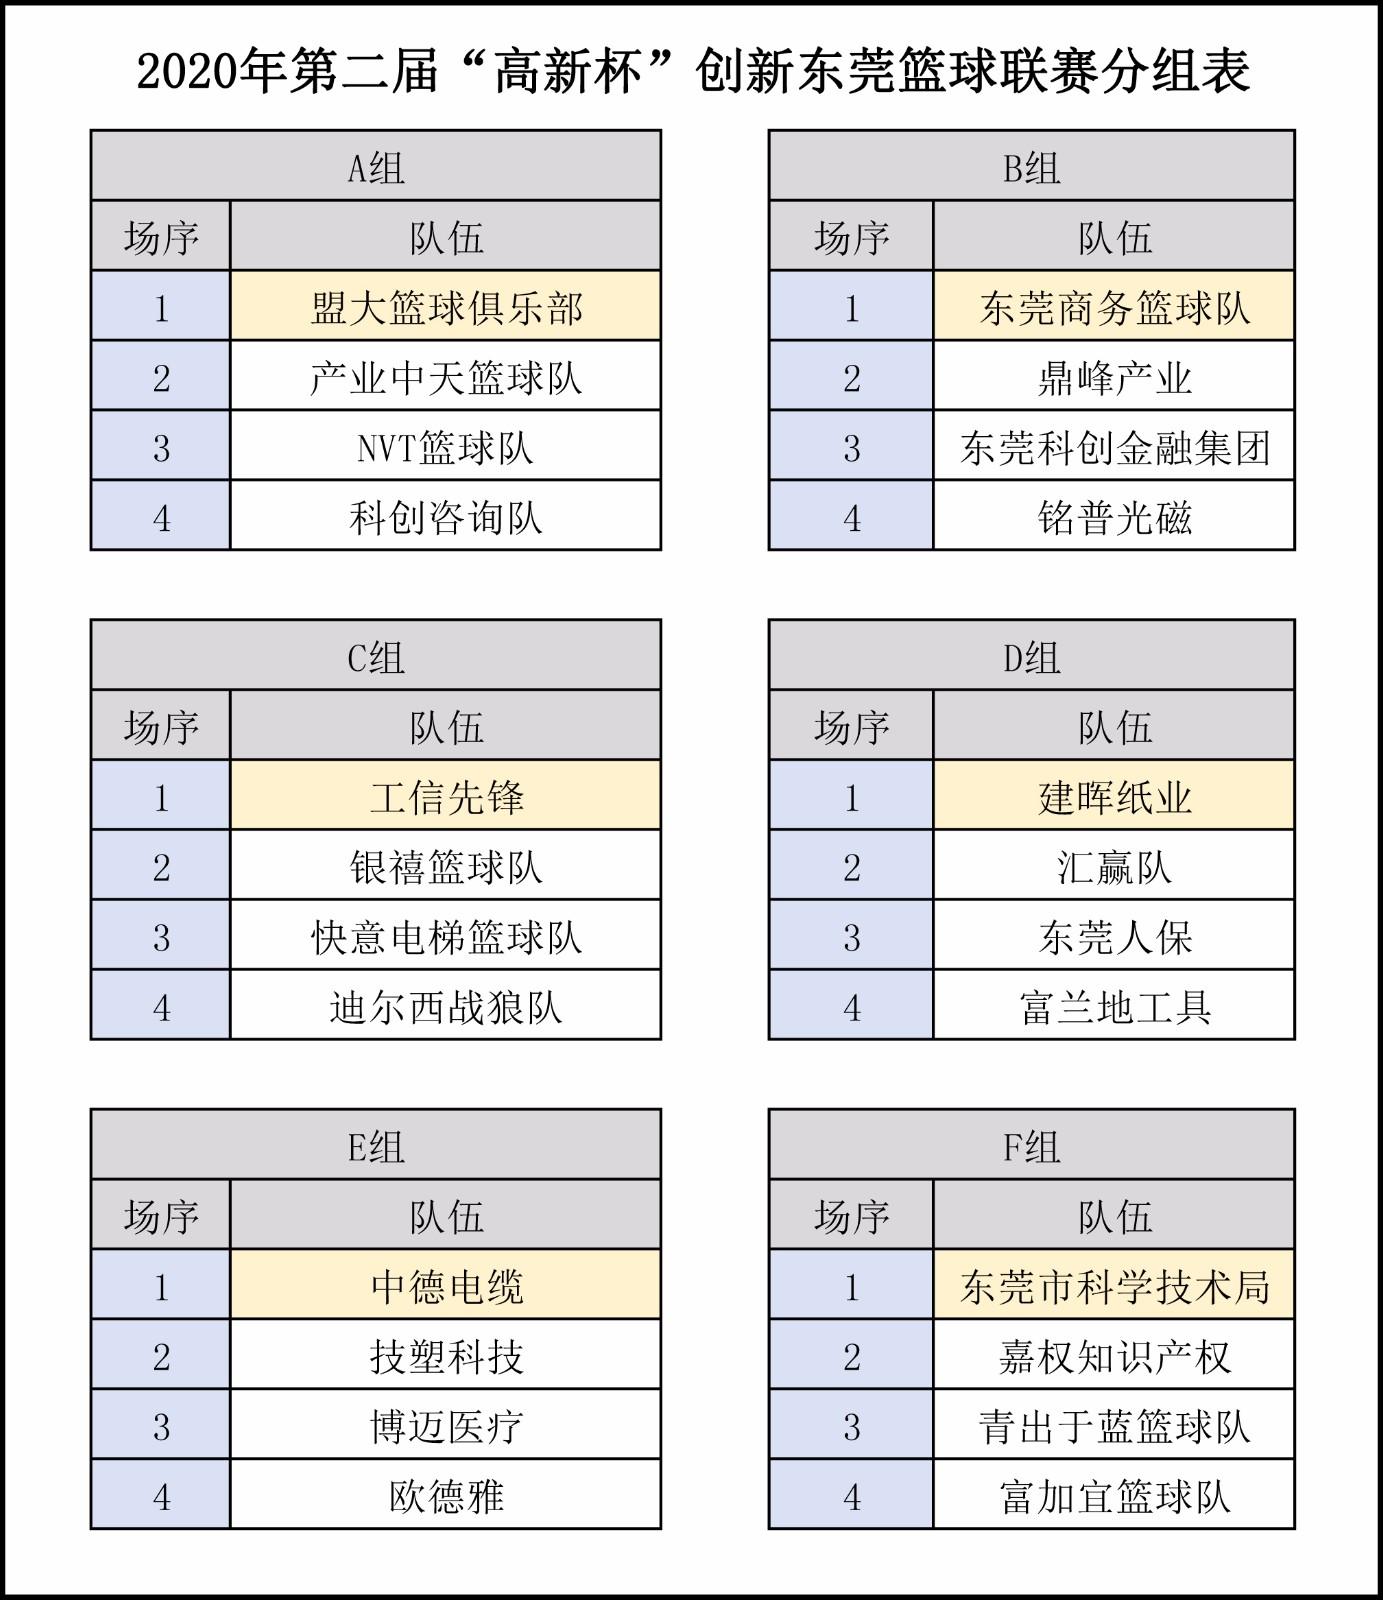 篮球赛球队分组表.jpg